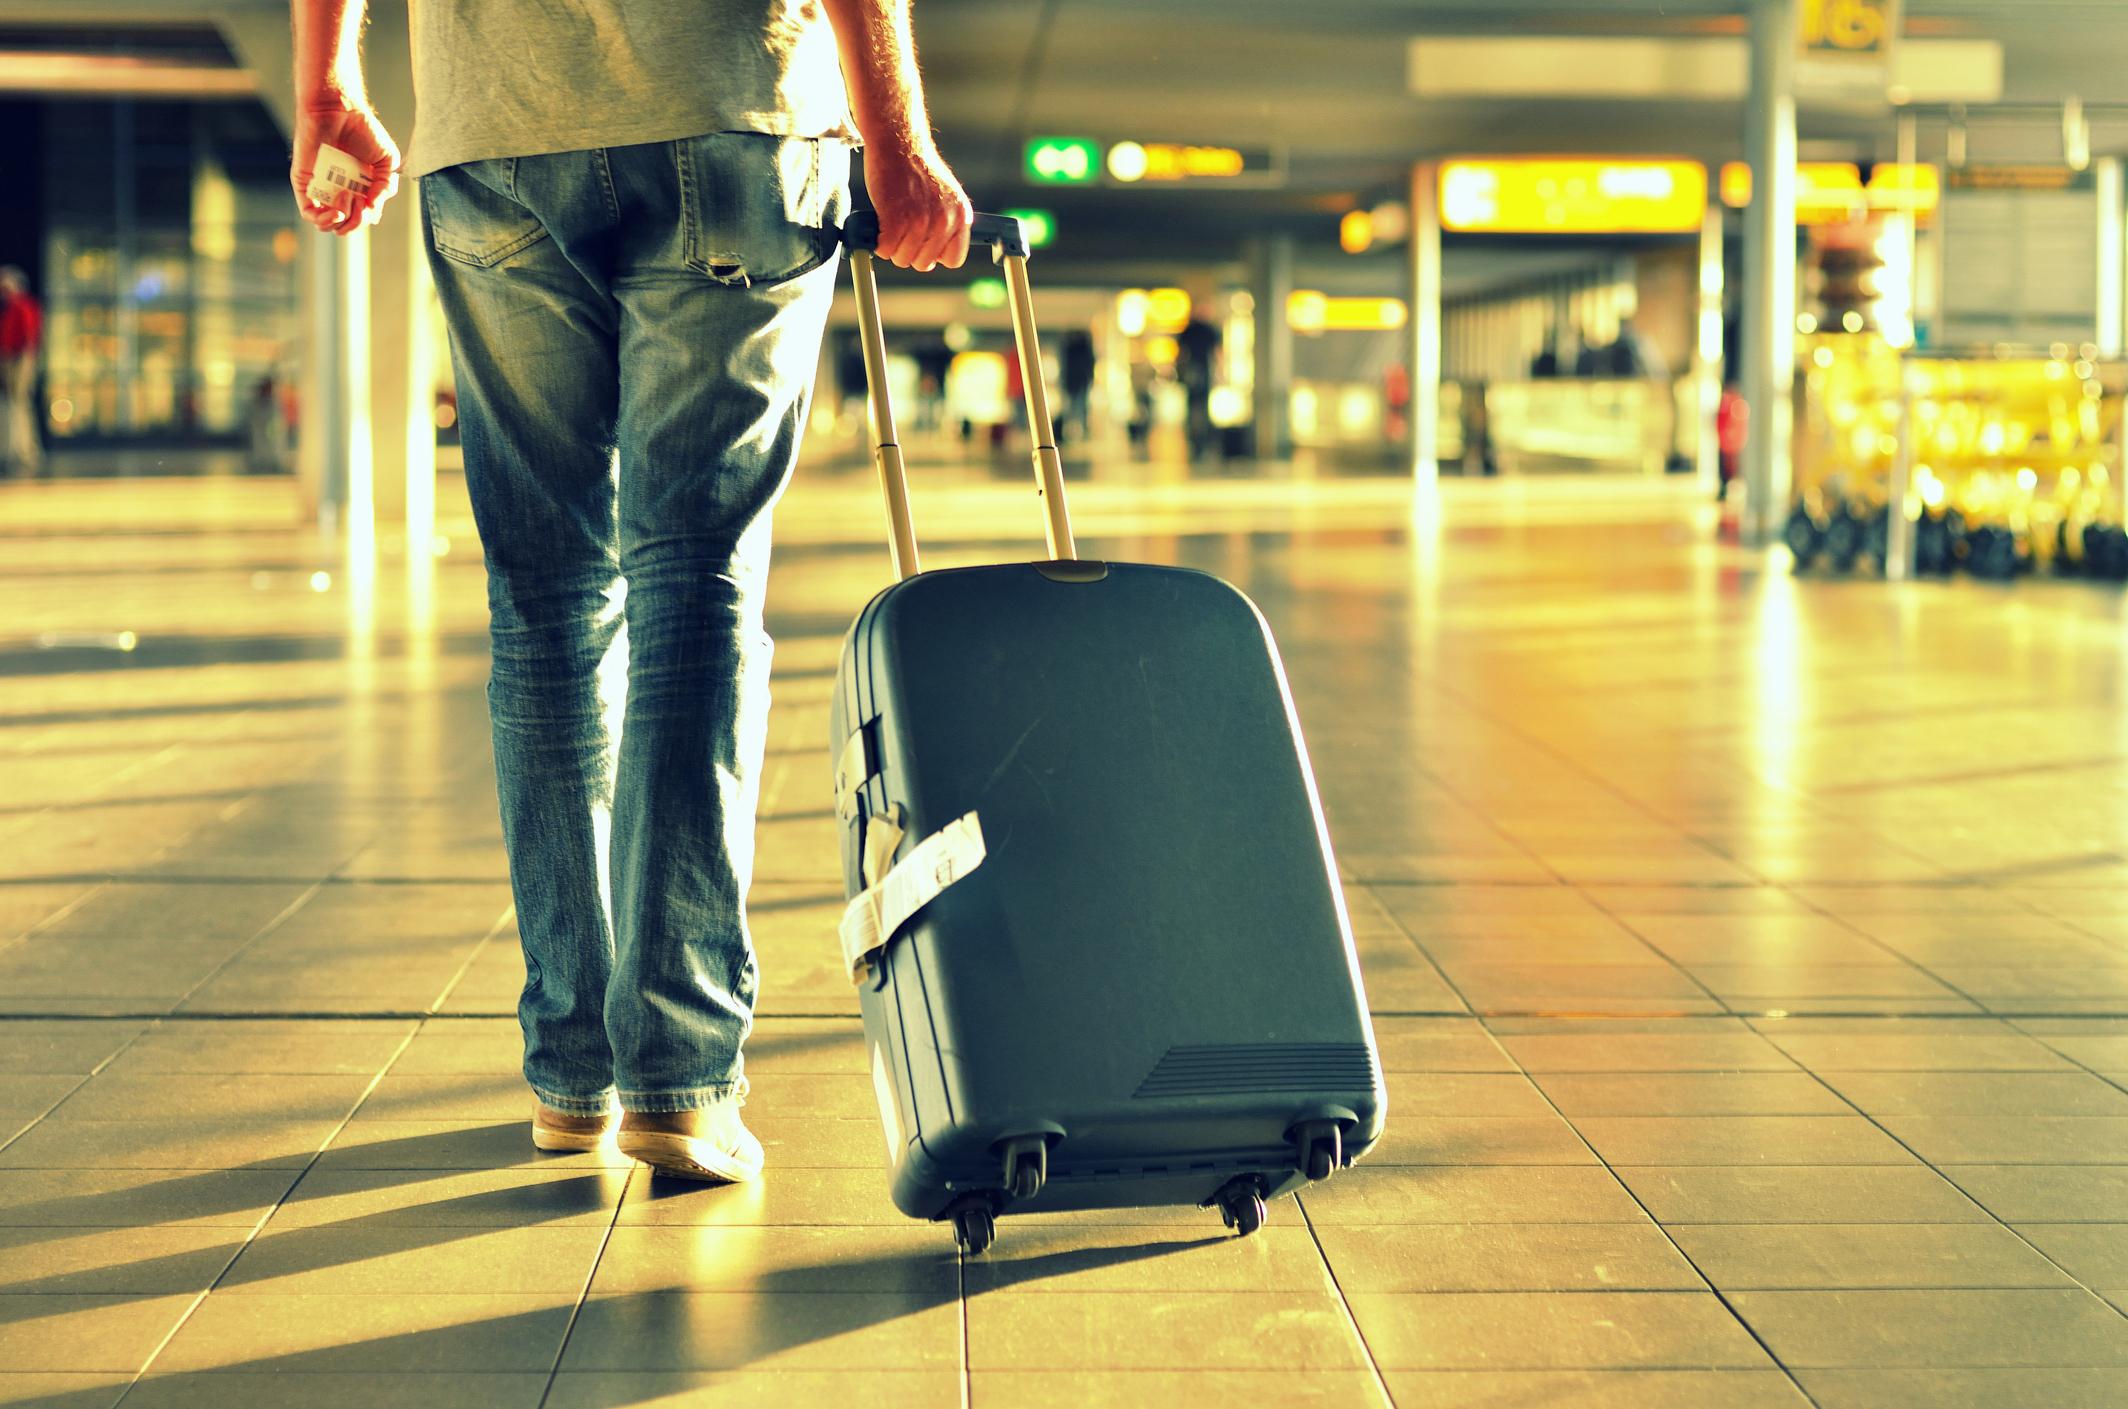 честь картинка человека с чемоданами использовать возможности